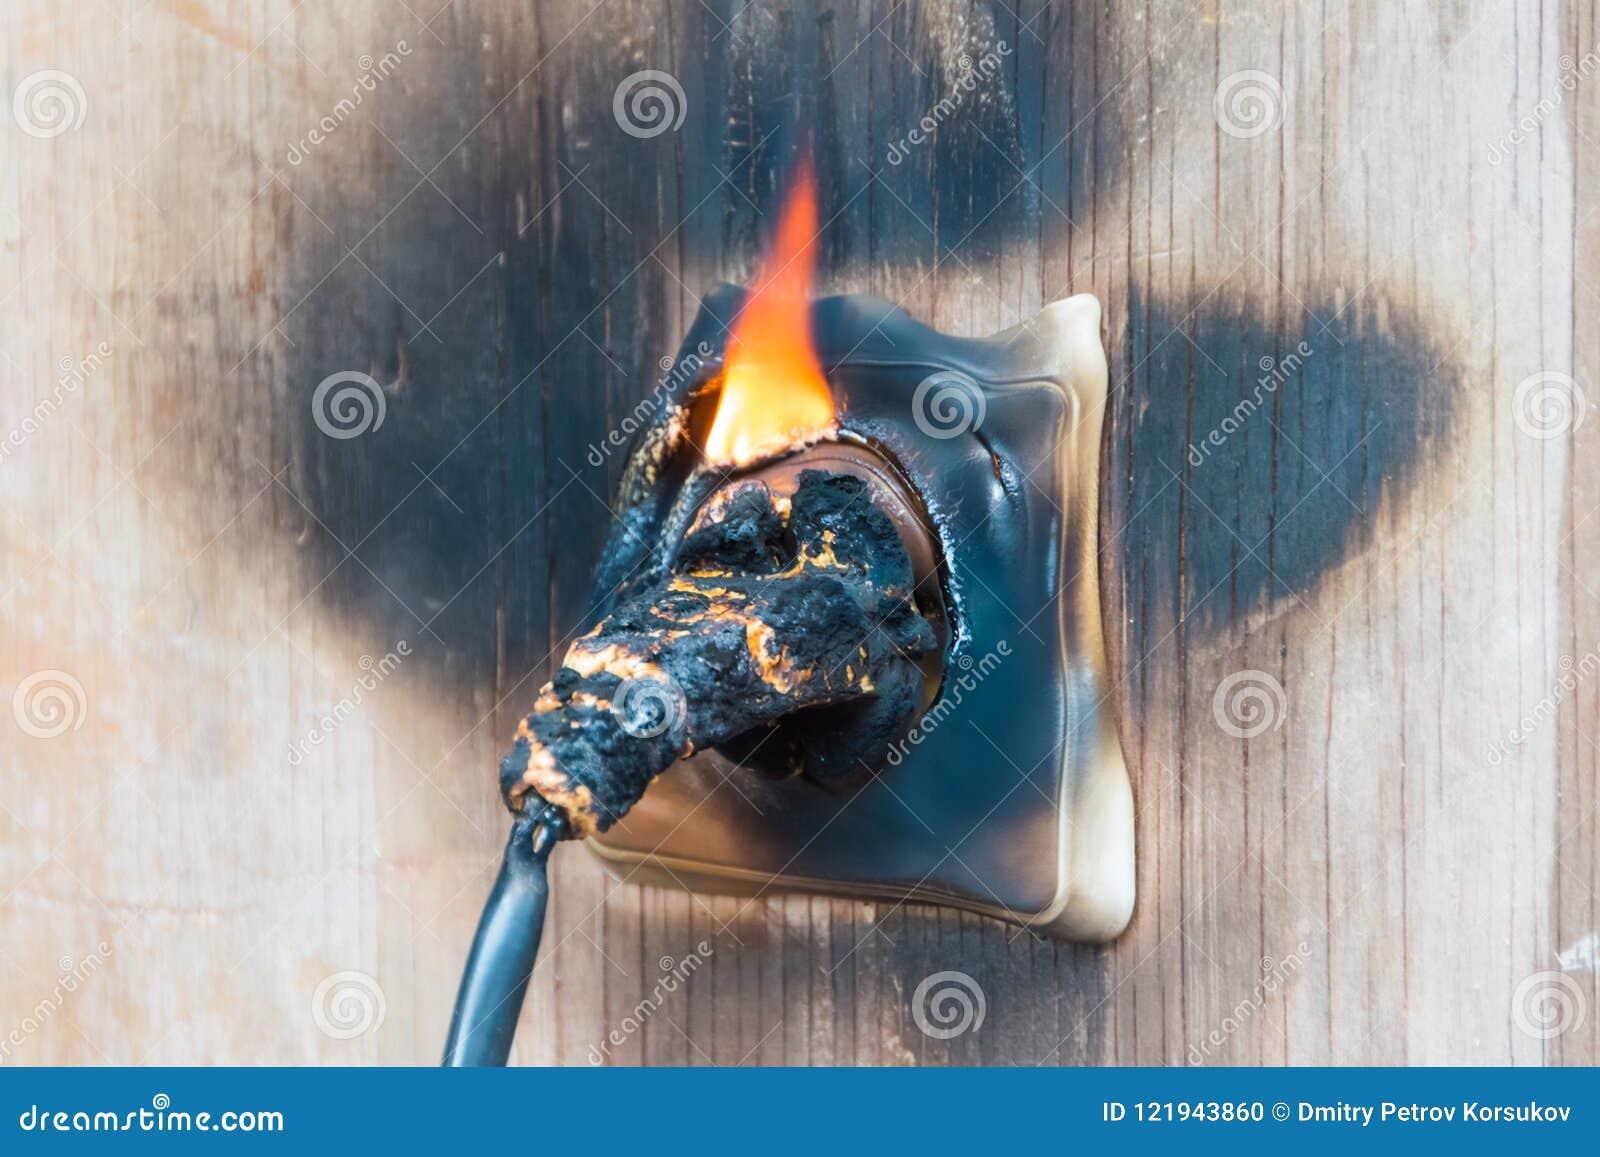 Fuego, alambre en fuego y humo